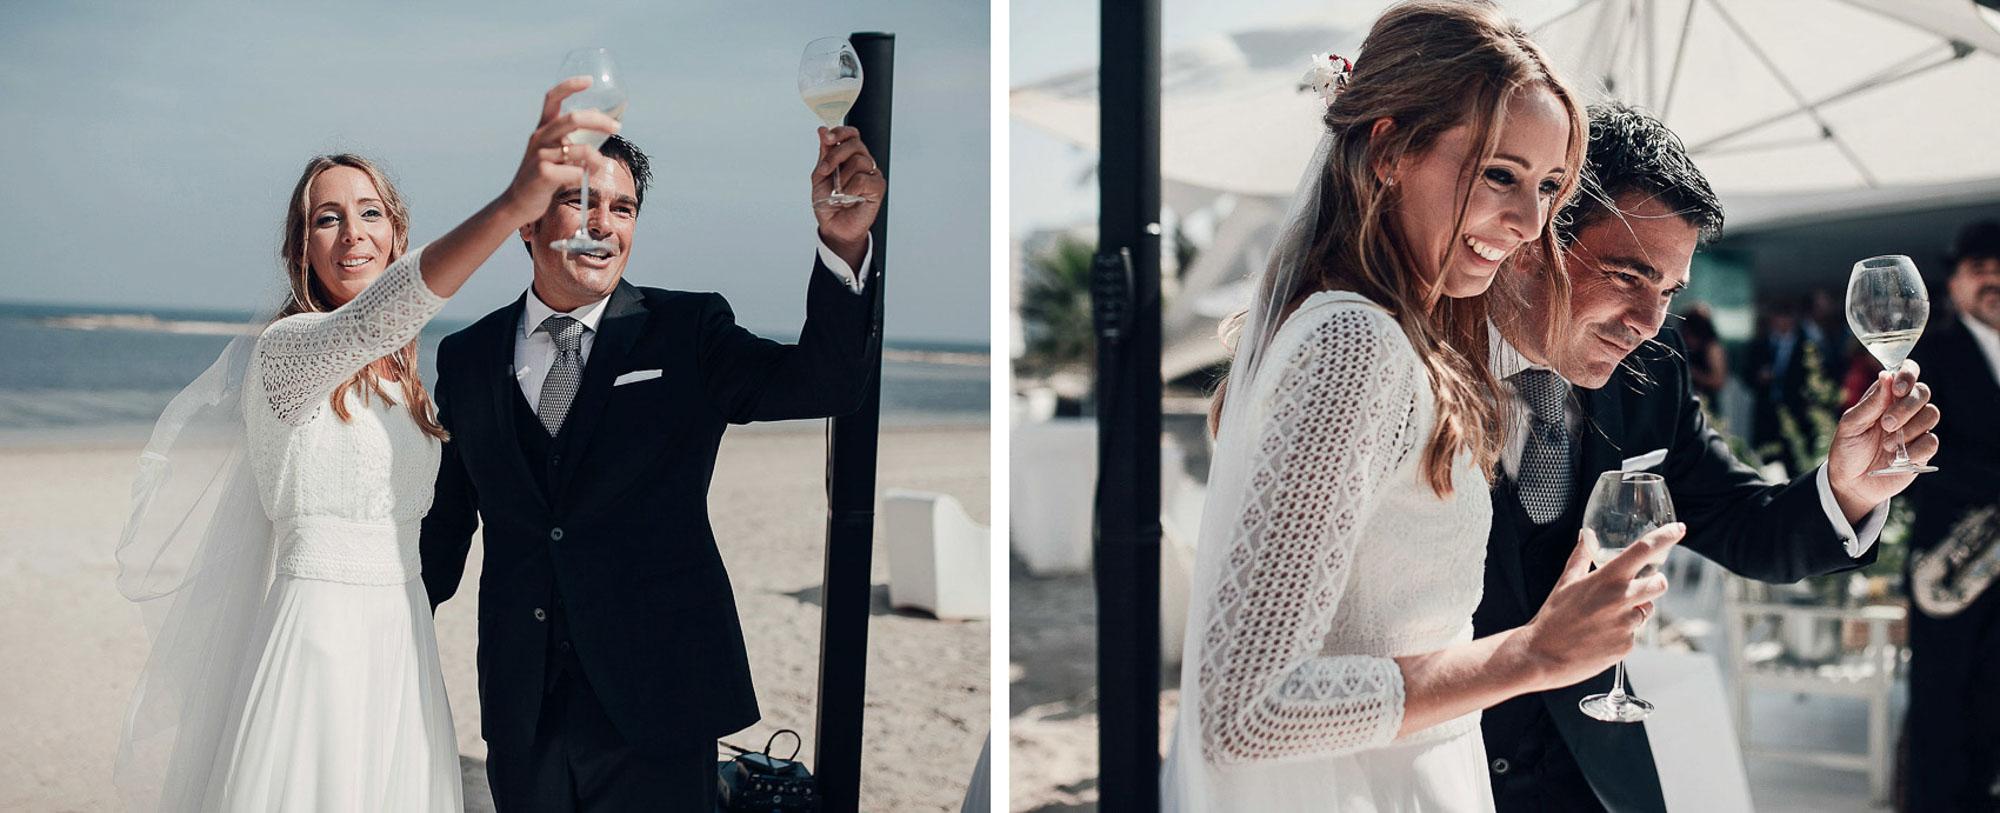 novios brindis playa cabo de palos enlace invitados restaurante fotografia